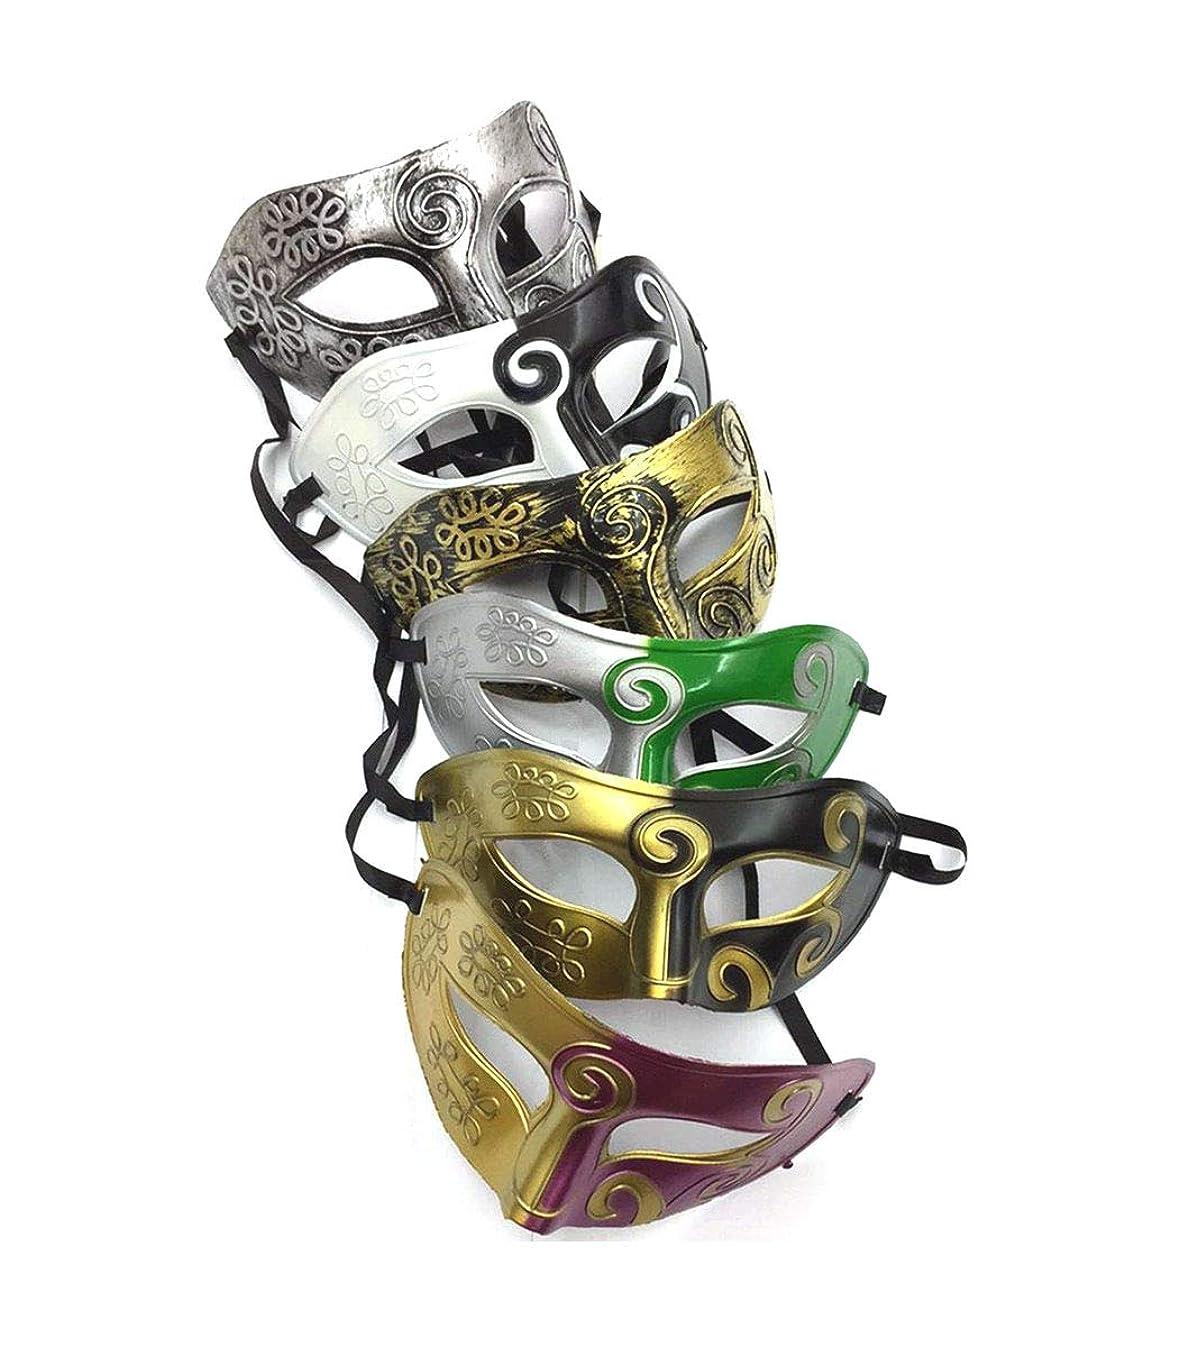 Unisex Retro Masquerade Mask Mardi Gras Costume Party Acccessory (Color-1)